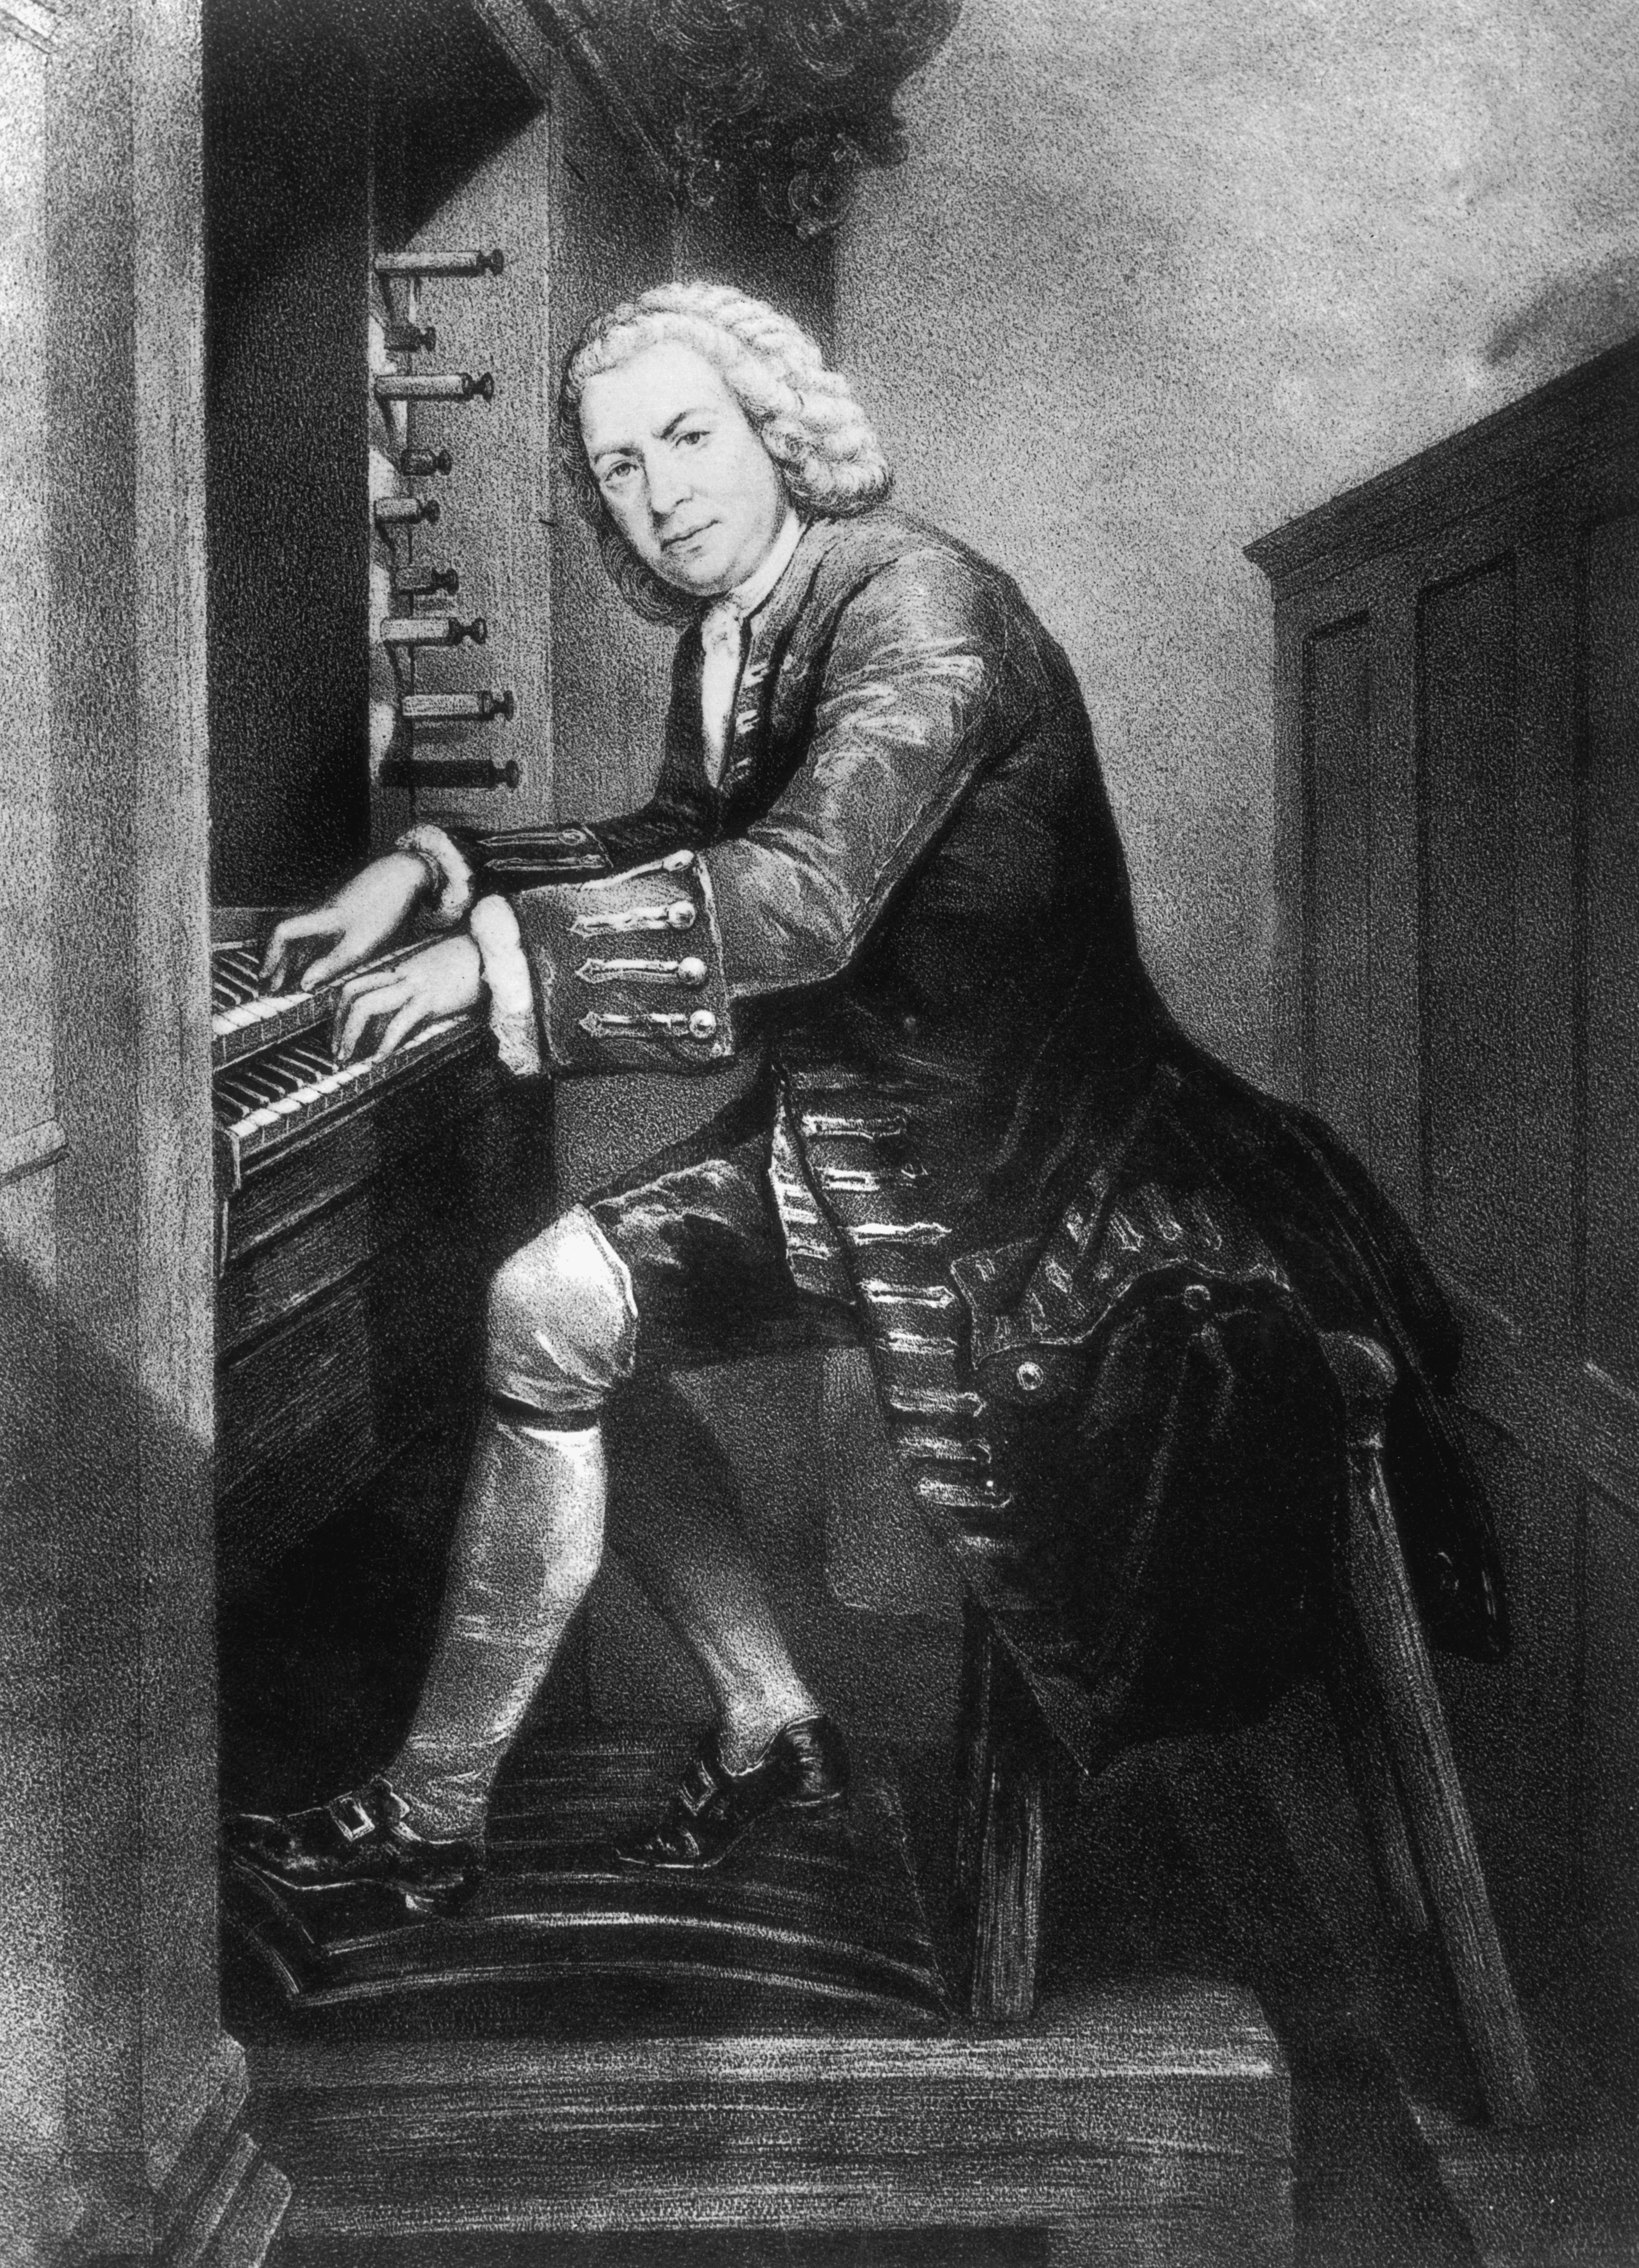 Johann Sebastian BACH à la console d'un orgue, lithographie de W.JAB d'après une gravure d'Edouard HAMMANN, Cliquer sur la photo pour une vue agrandie et quelques infos